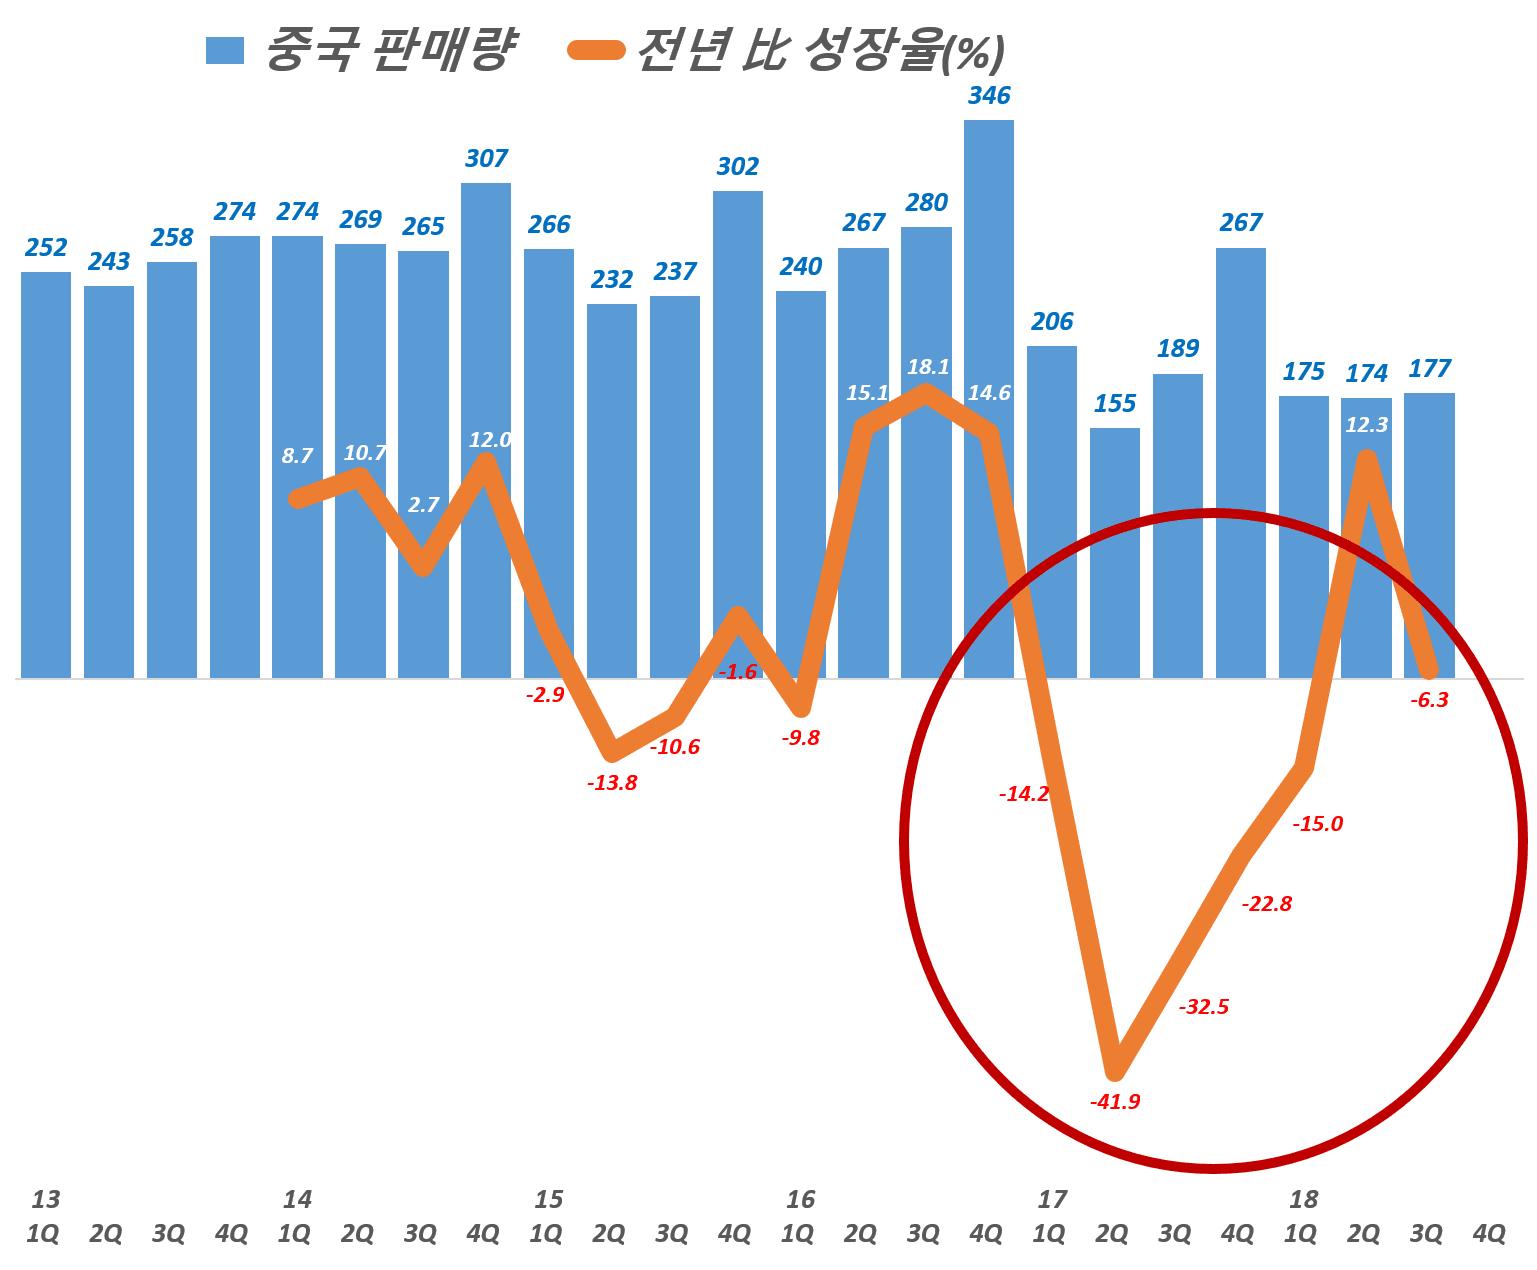 현대자동차 분기별 중국 판매량 및 전년 동기 비 성장율, Graph by Happist